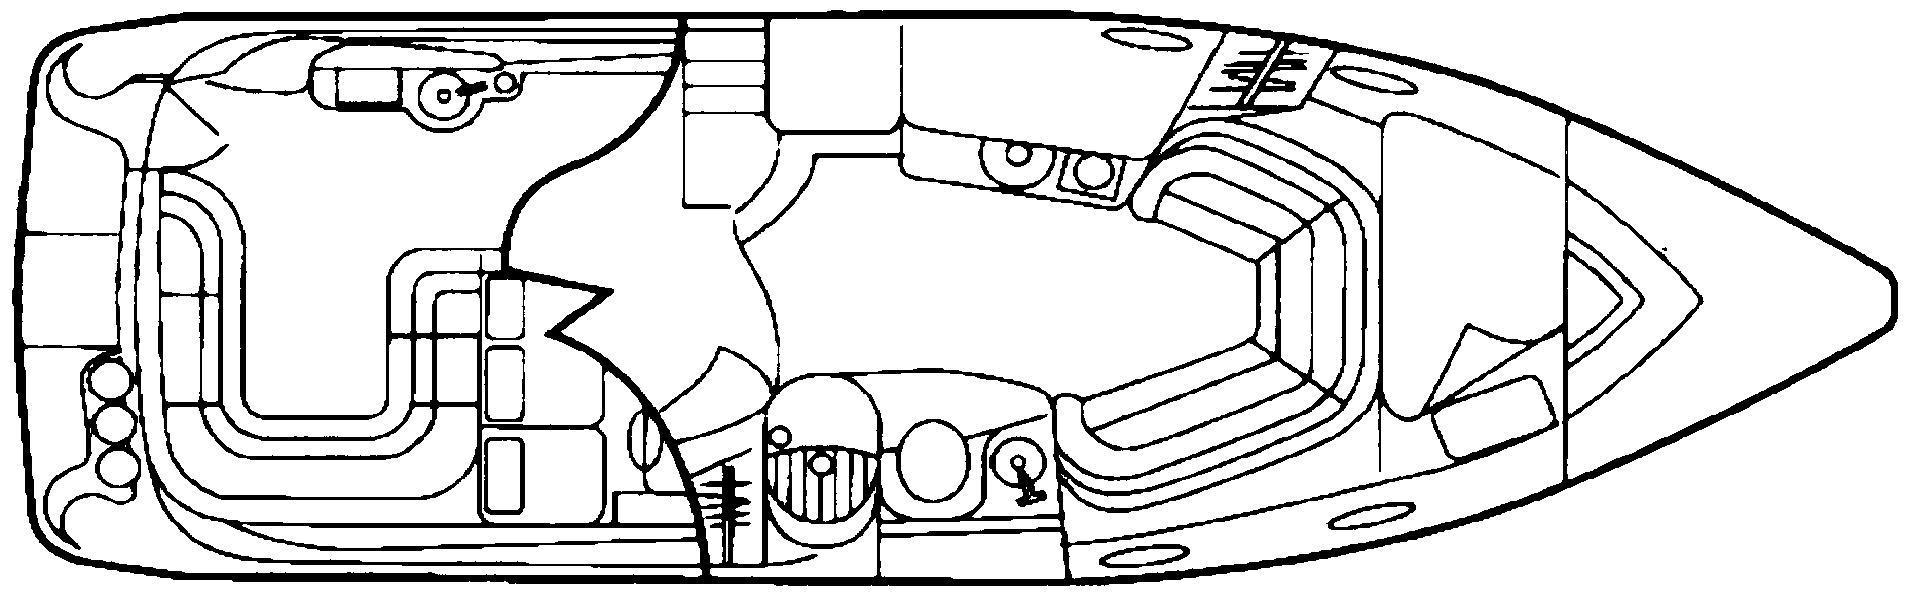 3175 Rogue Floor Plan 1